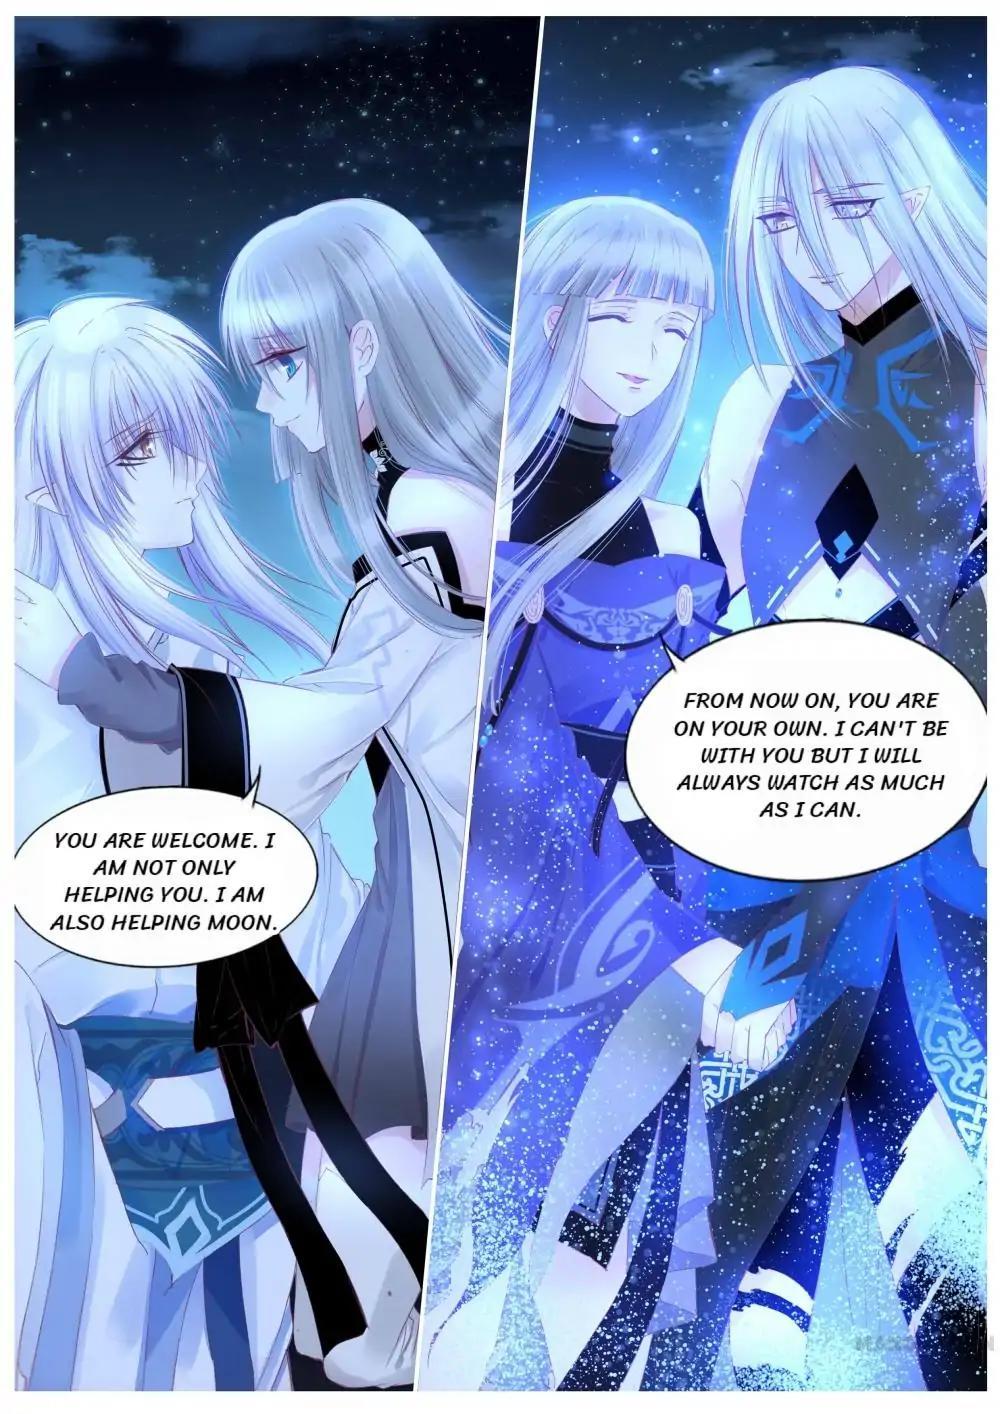 https://manga.mangadogs.com/comics/pic2/41/22569/801155/3155c3cd32750b623b04e923d2cf879d.jpg Page 1